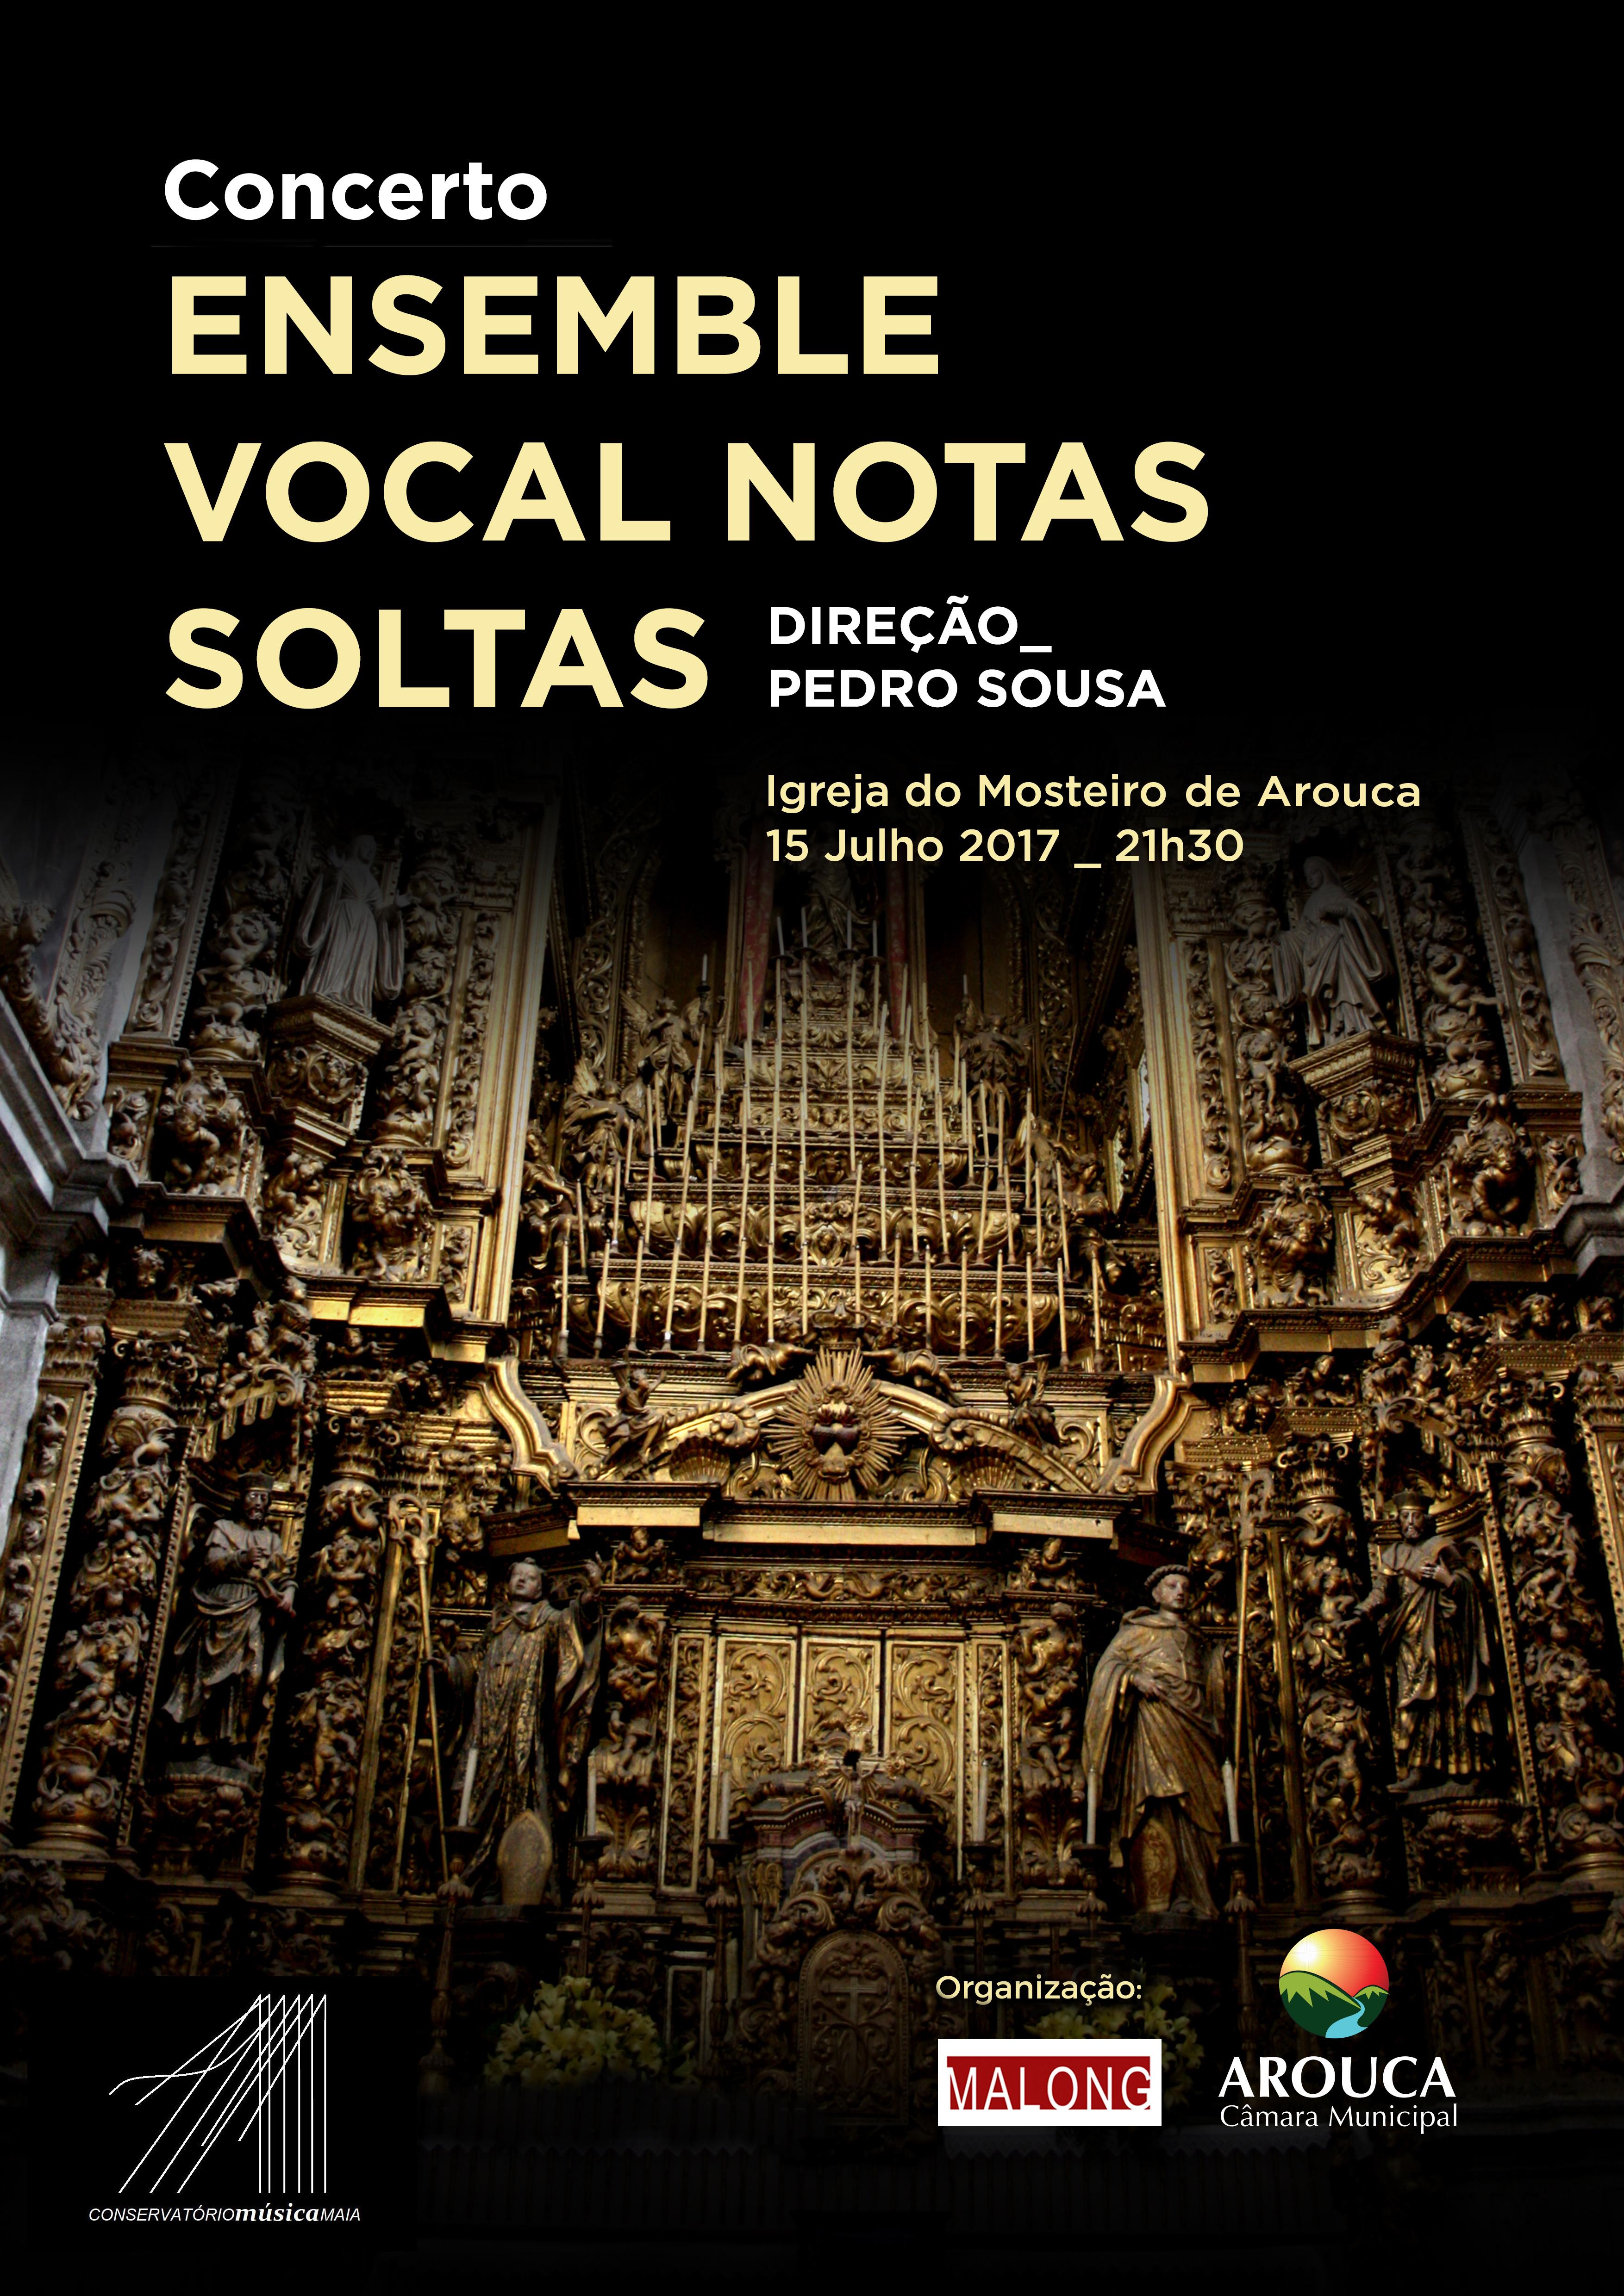 Igreja do Mosteiro acolhe concerto do Ensemble Vocal Notas Soltas